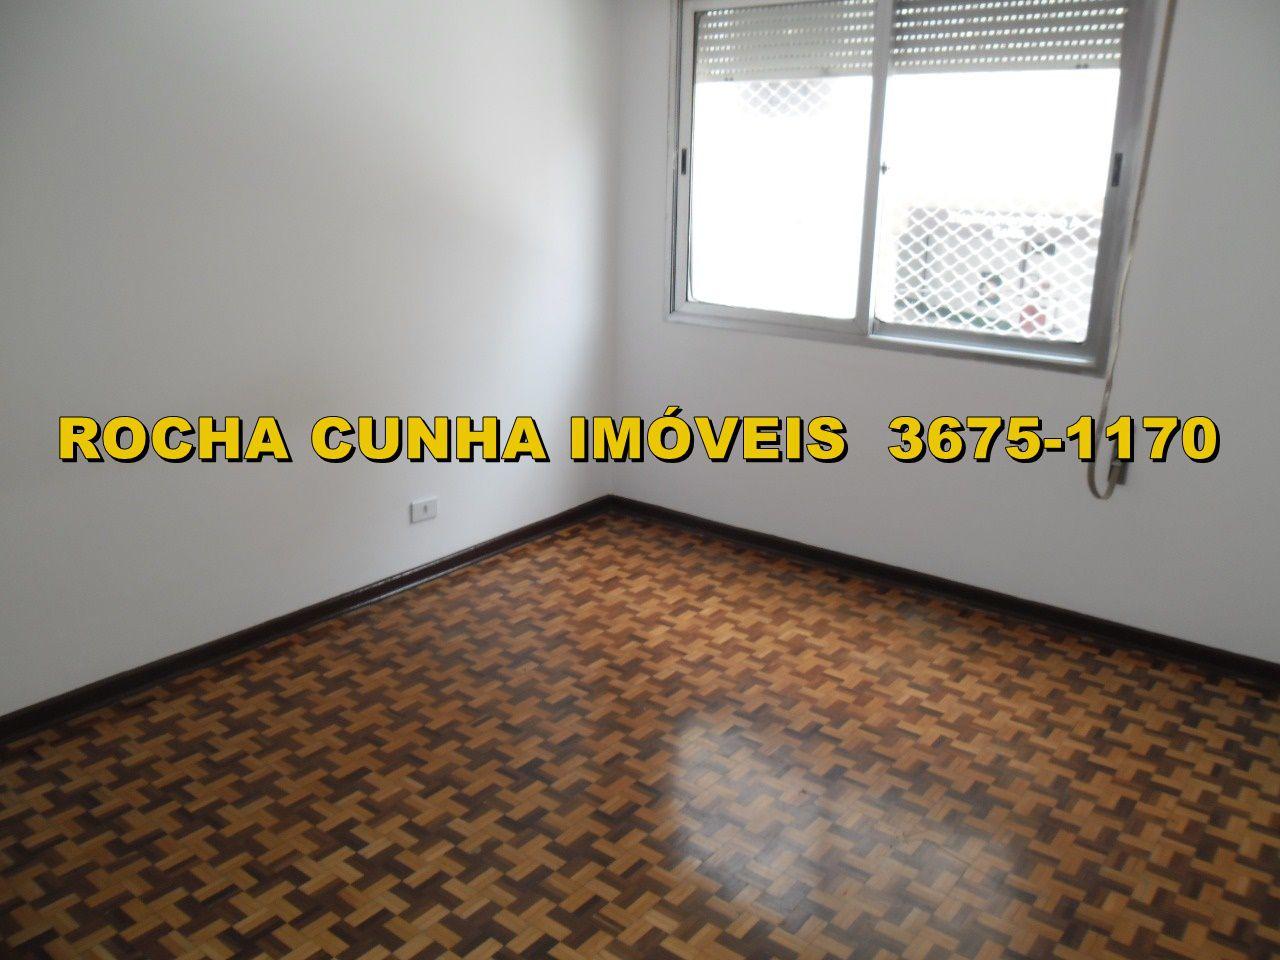 Apartamento Água Branca, São Paulo, SP À Venda, 3 Quartos, 108m² - VENDA0226 - 18